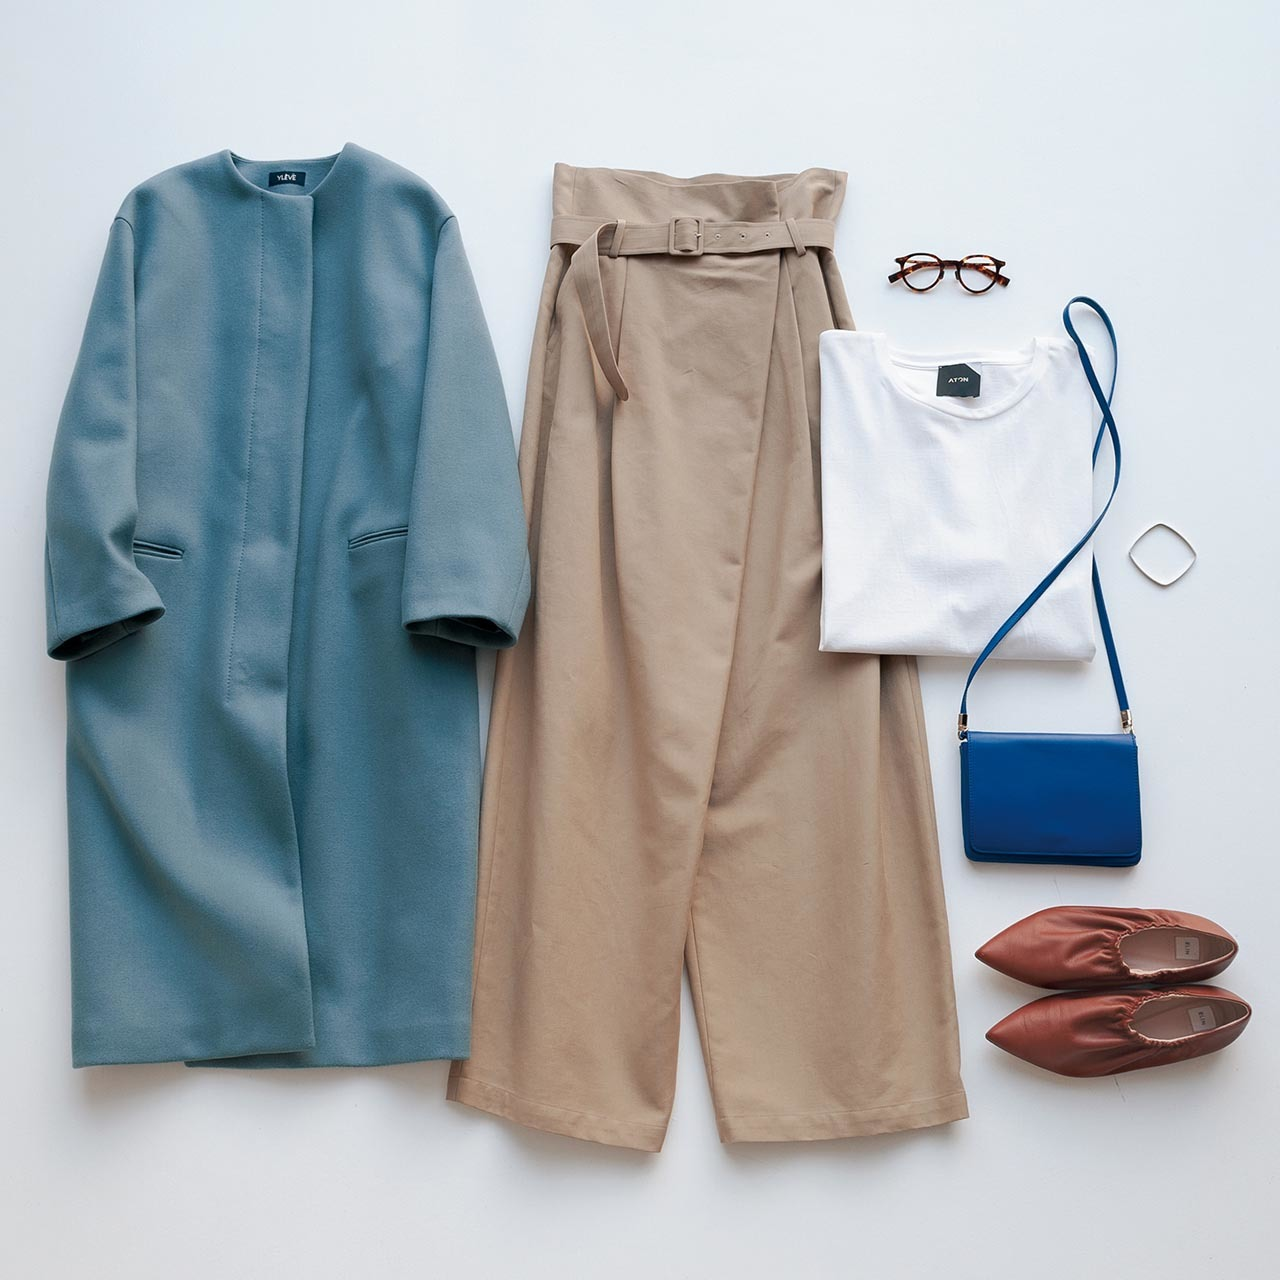 ブルーのアウター、ベージュのパンツ,白Tシャツ,メガネ、ブルーのバッグ、ブラウンの靴